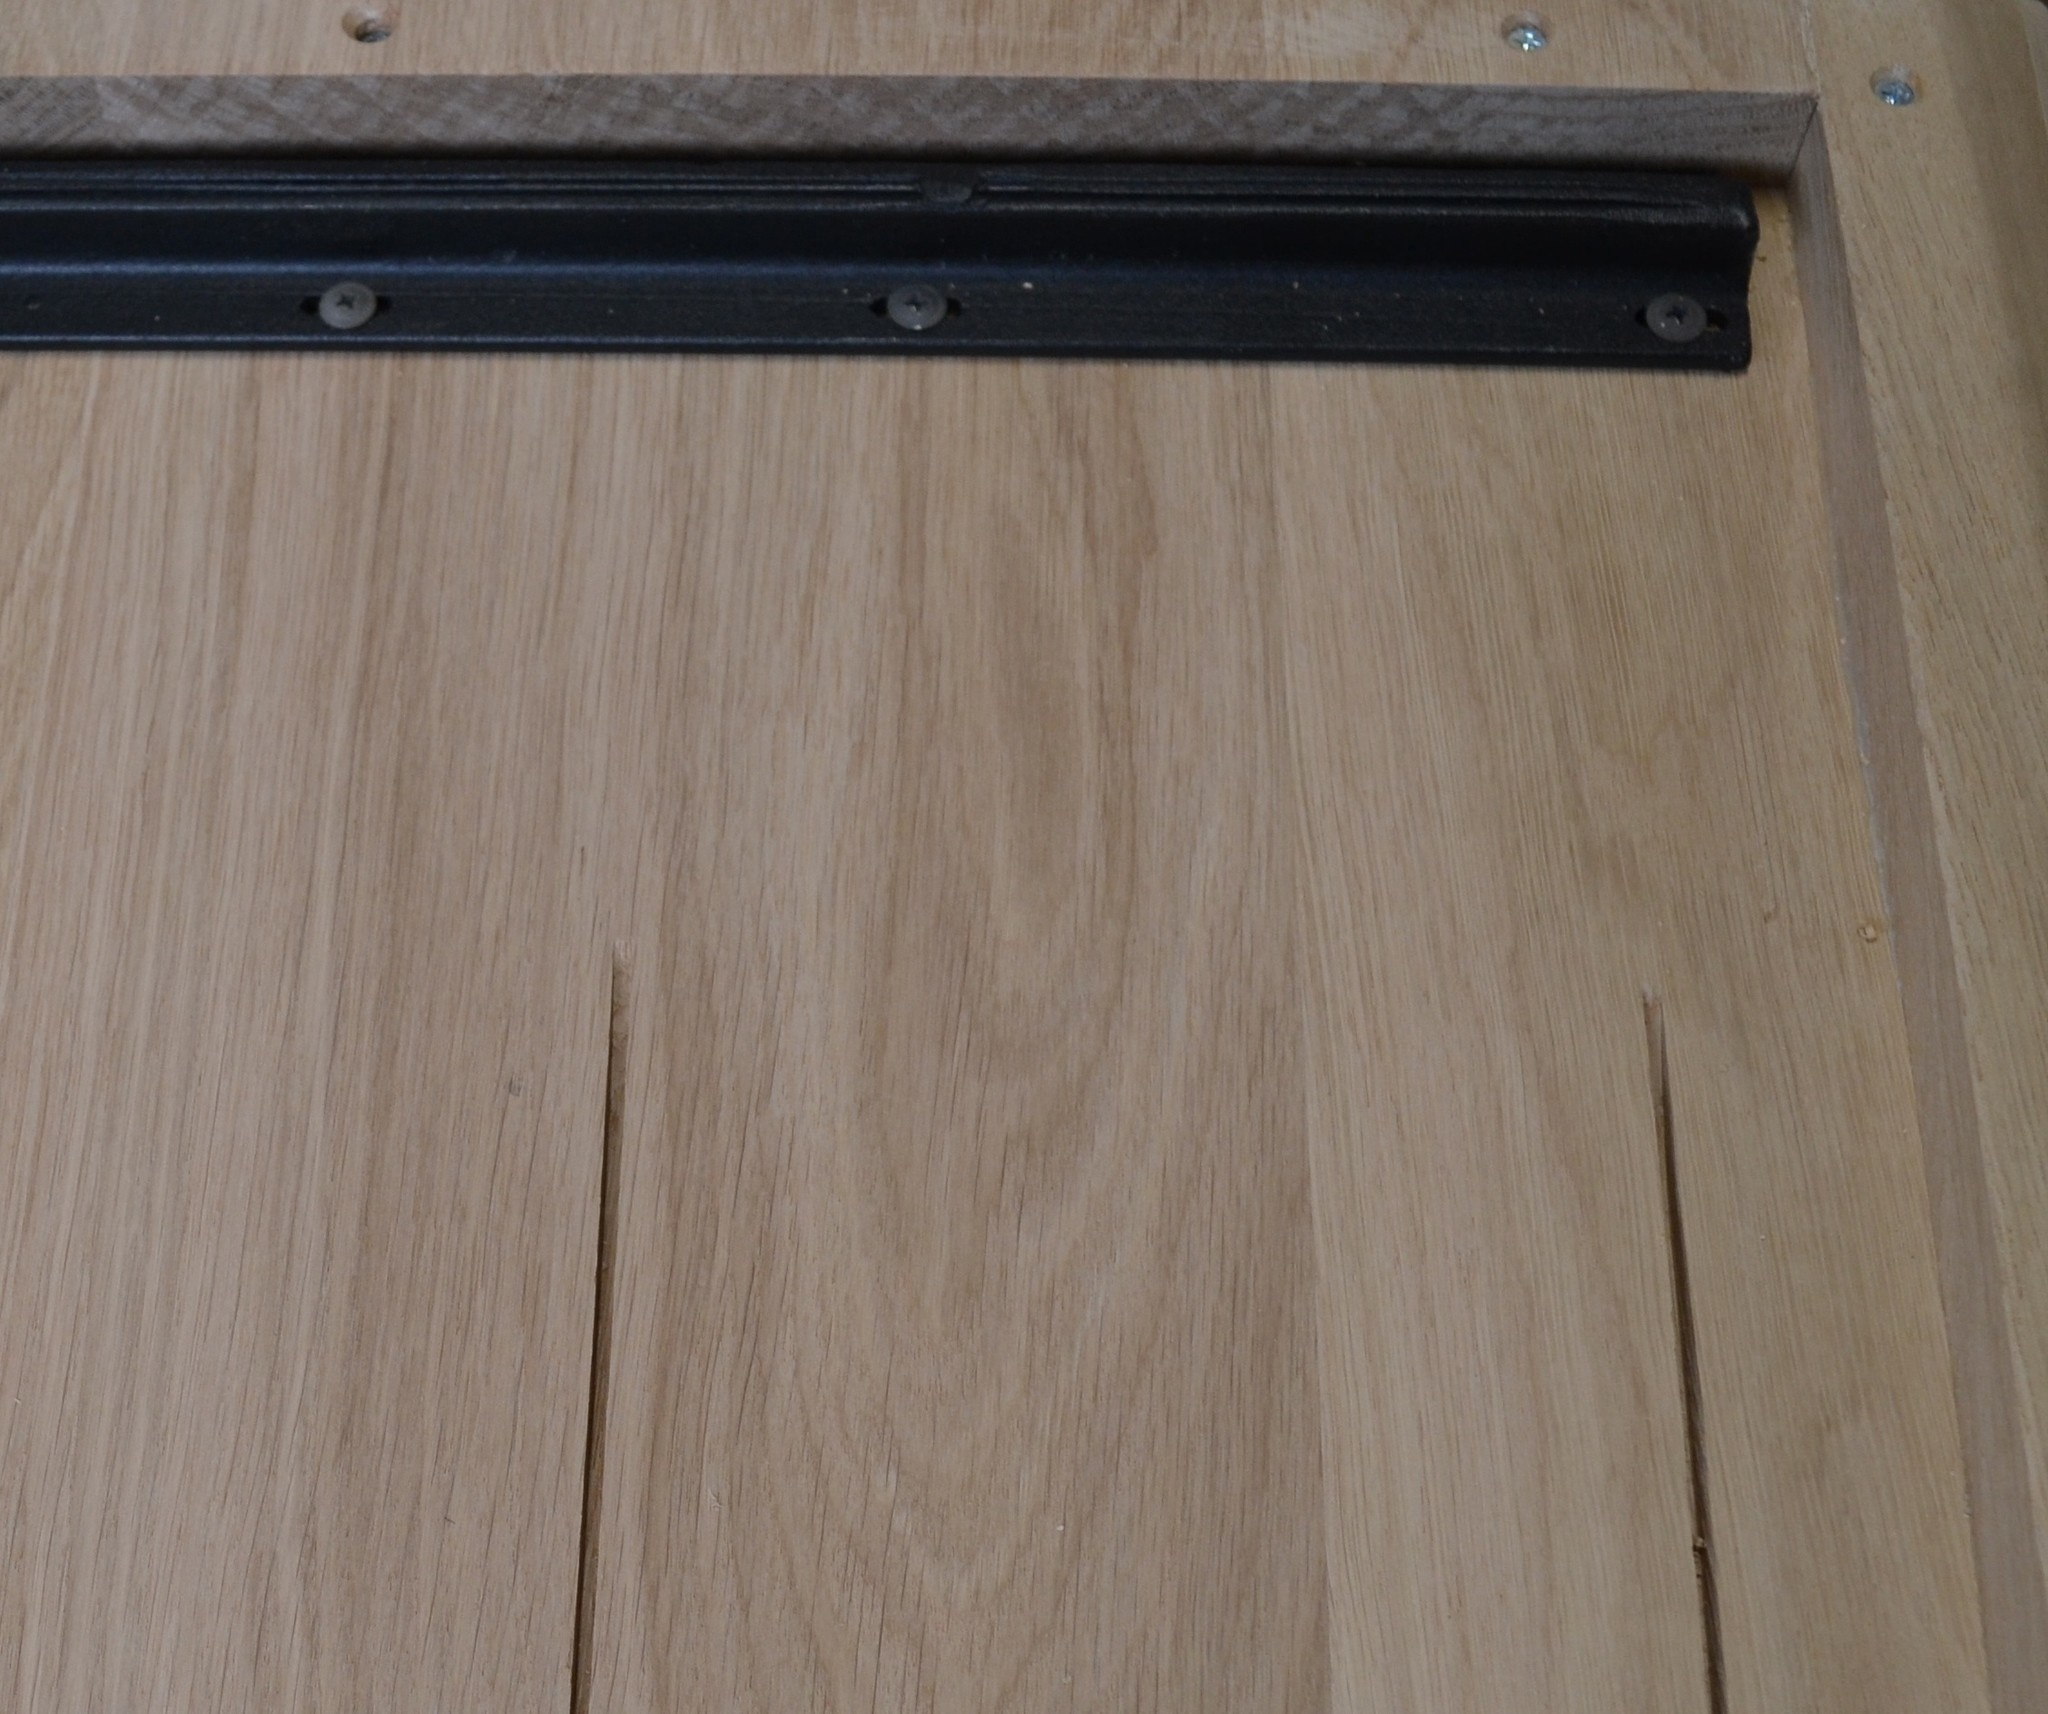 Eiken tafelblad verjongd - 100x200-300- 4,5 cm dik (2-laags rondom) - extra rustiek Europees eikenhout - met verjongde (afgeschuinde) rand / kant - verlijmd kd 10-12%